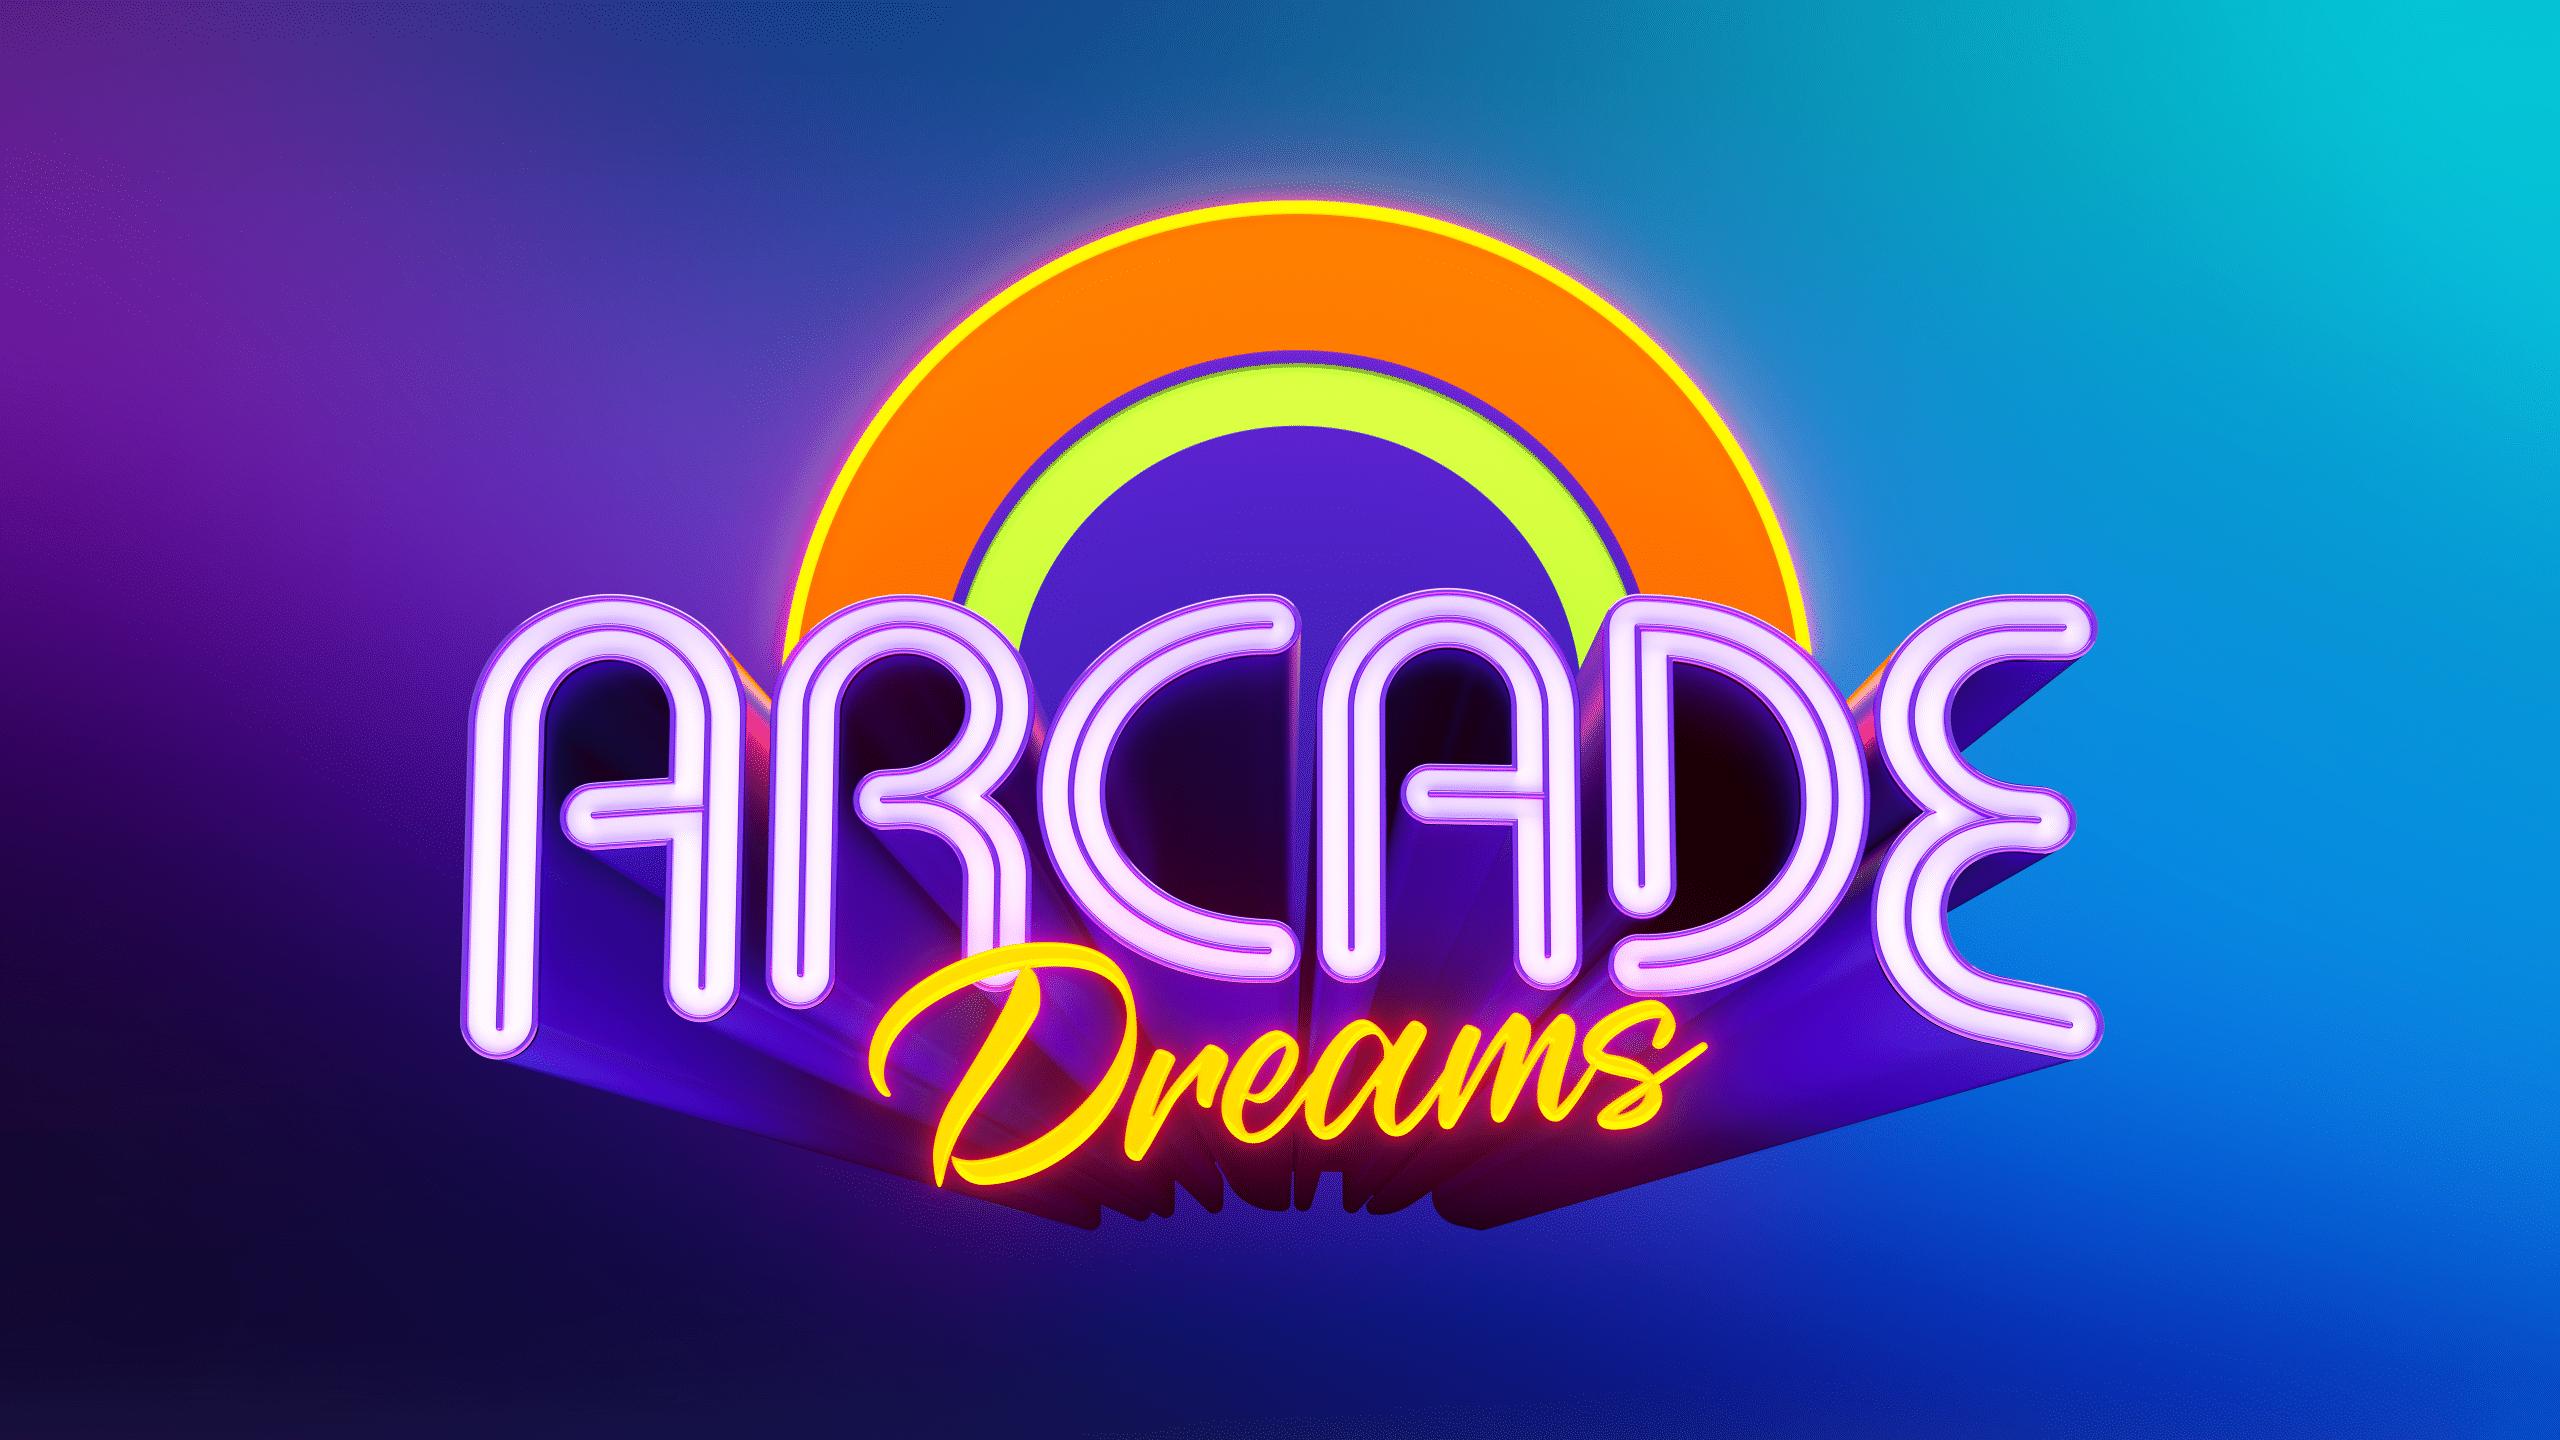 Arcade Dreams Main Logo